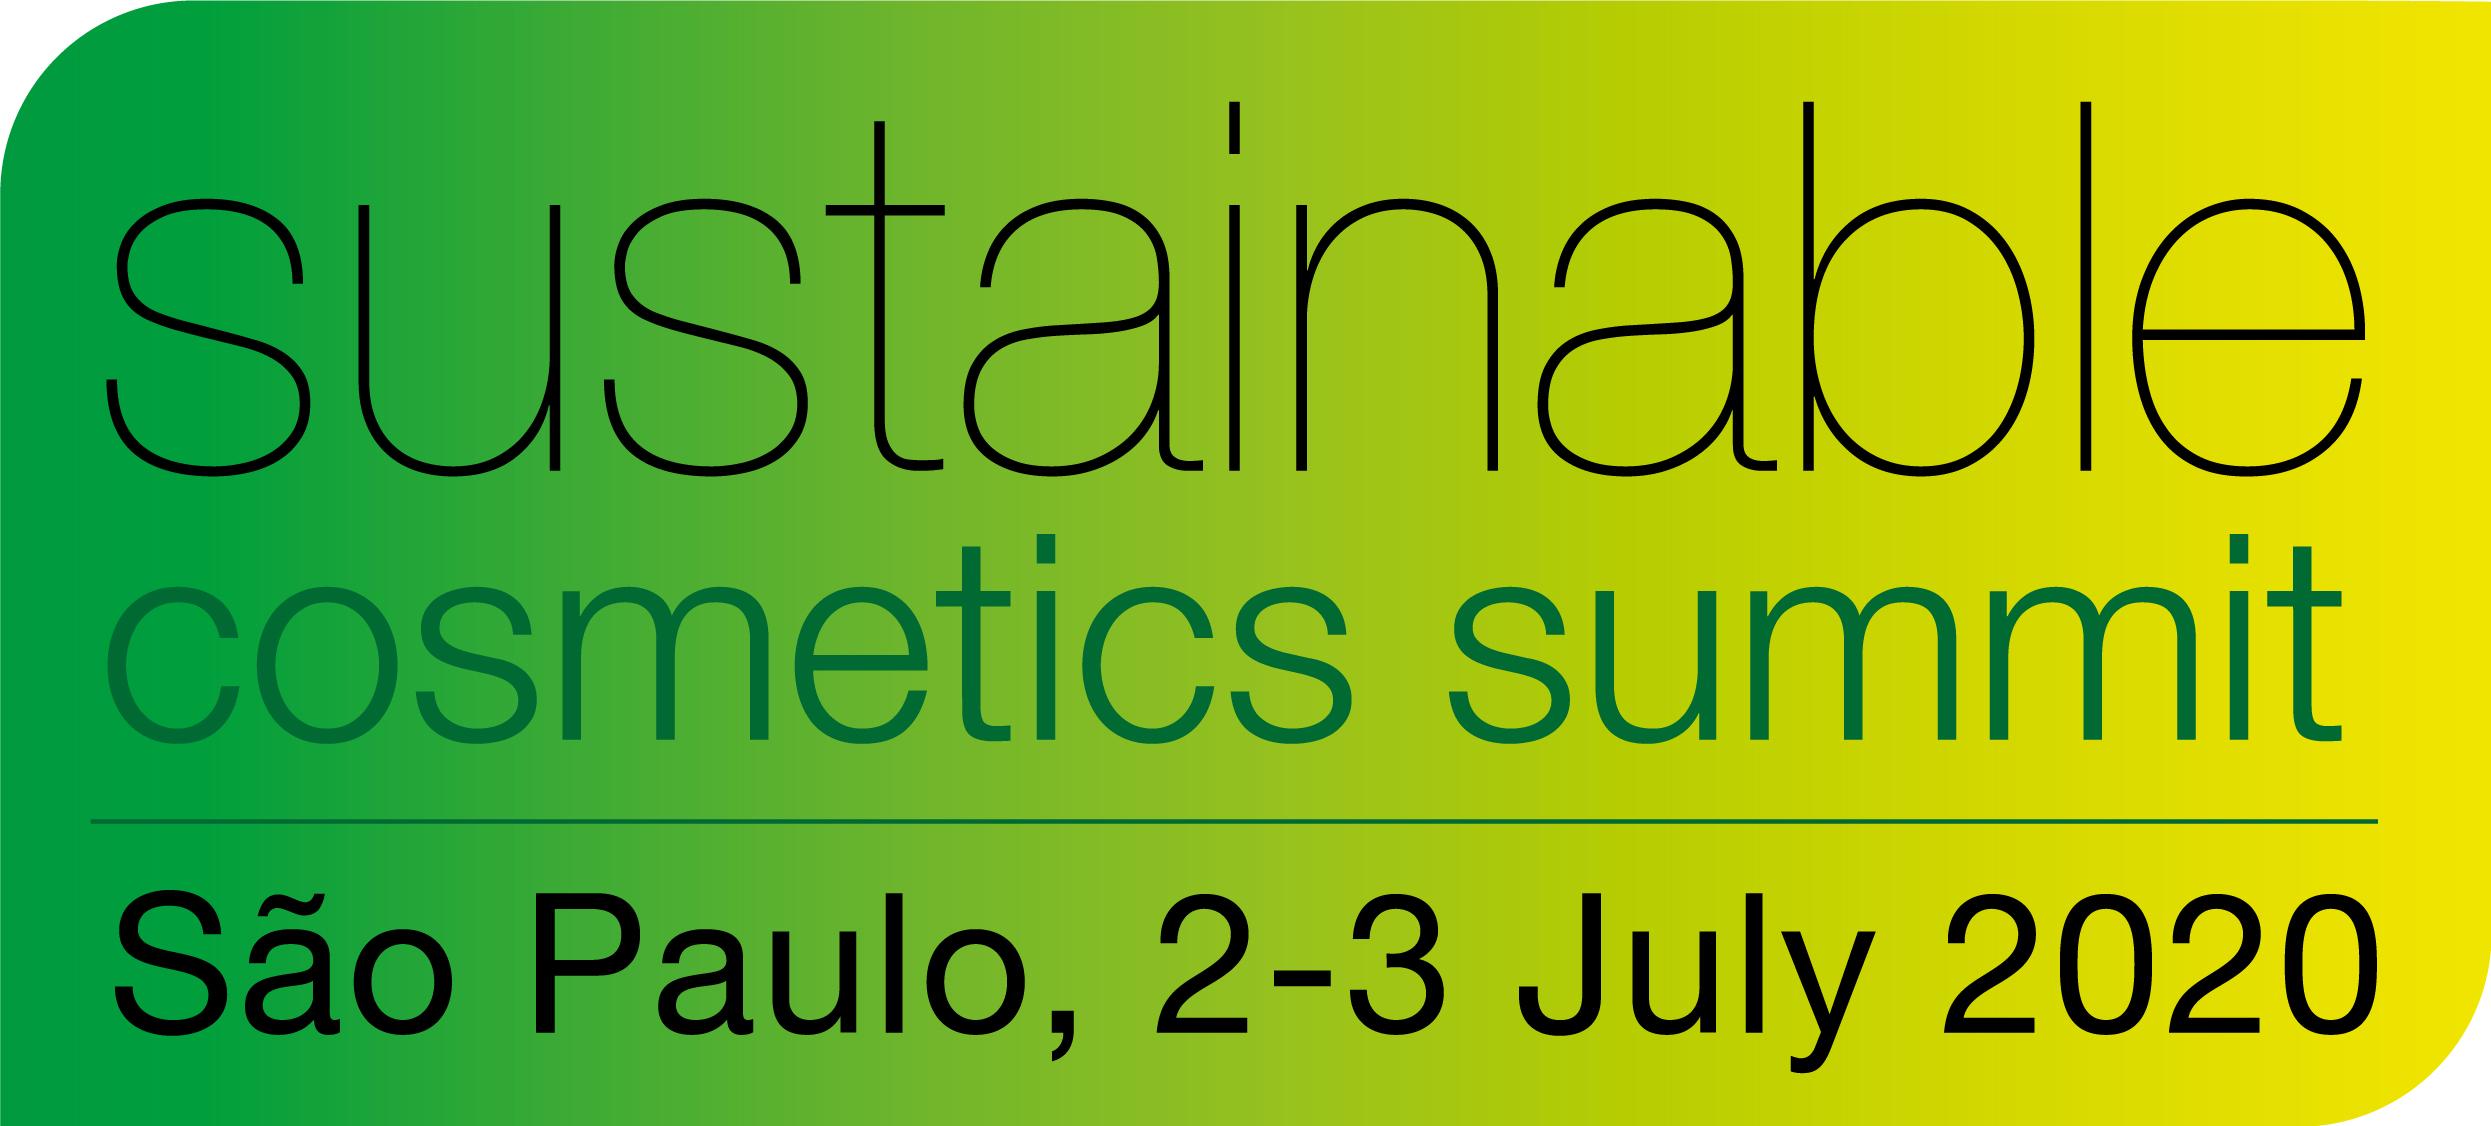 Sustainable Cosmetics Summit (NOVA DATA)